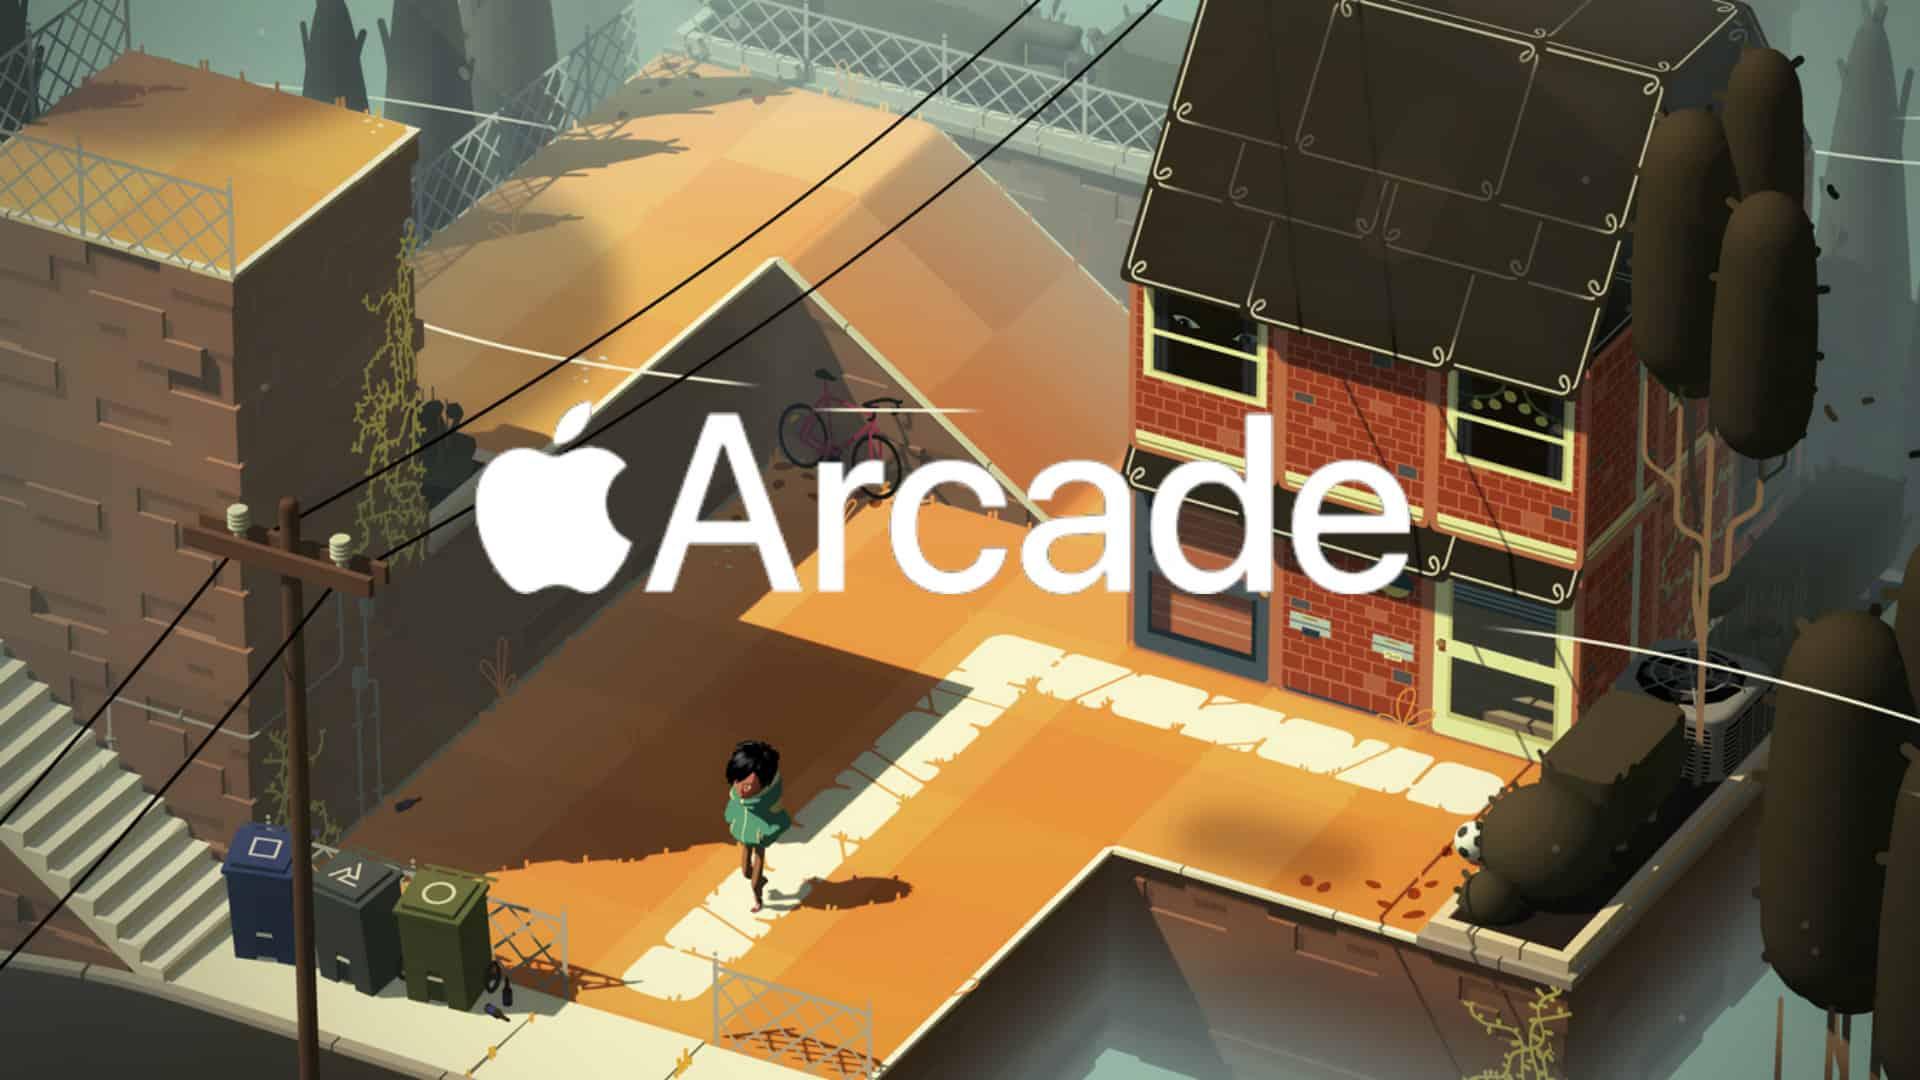 Apple الممرات: تم الكشف عن السعر وتاريخ الإصدار! 1